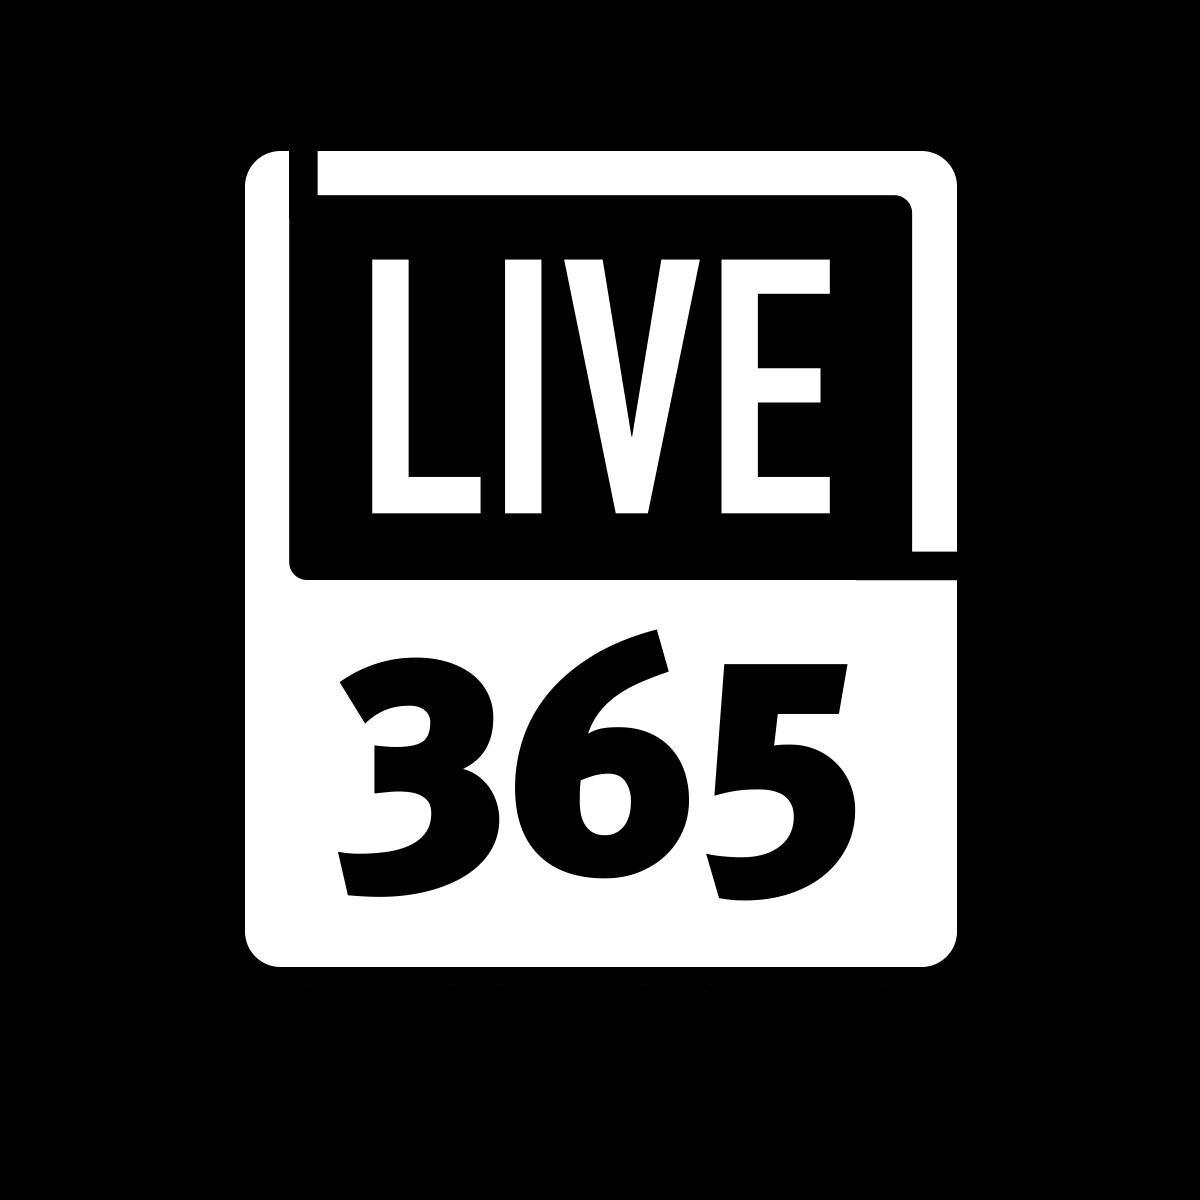 Art for ADBREAK_30000 5 by Live365